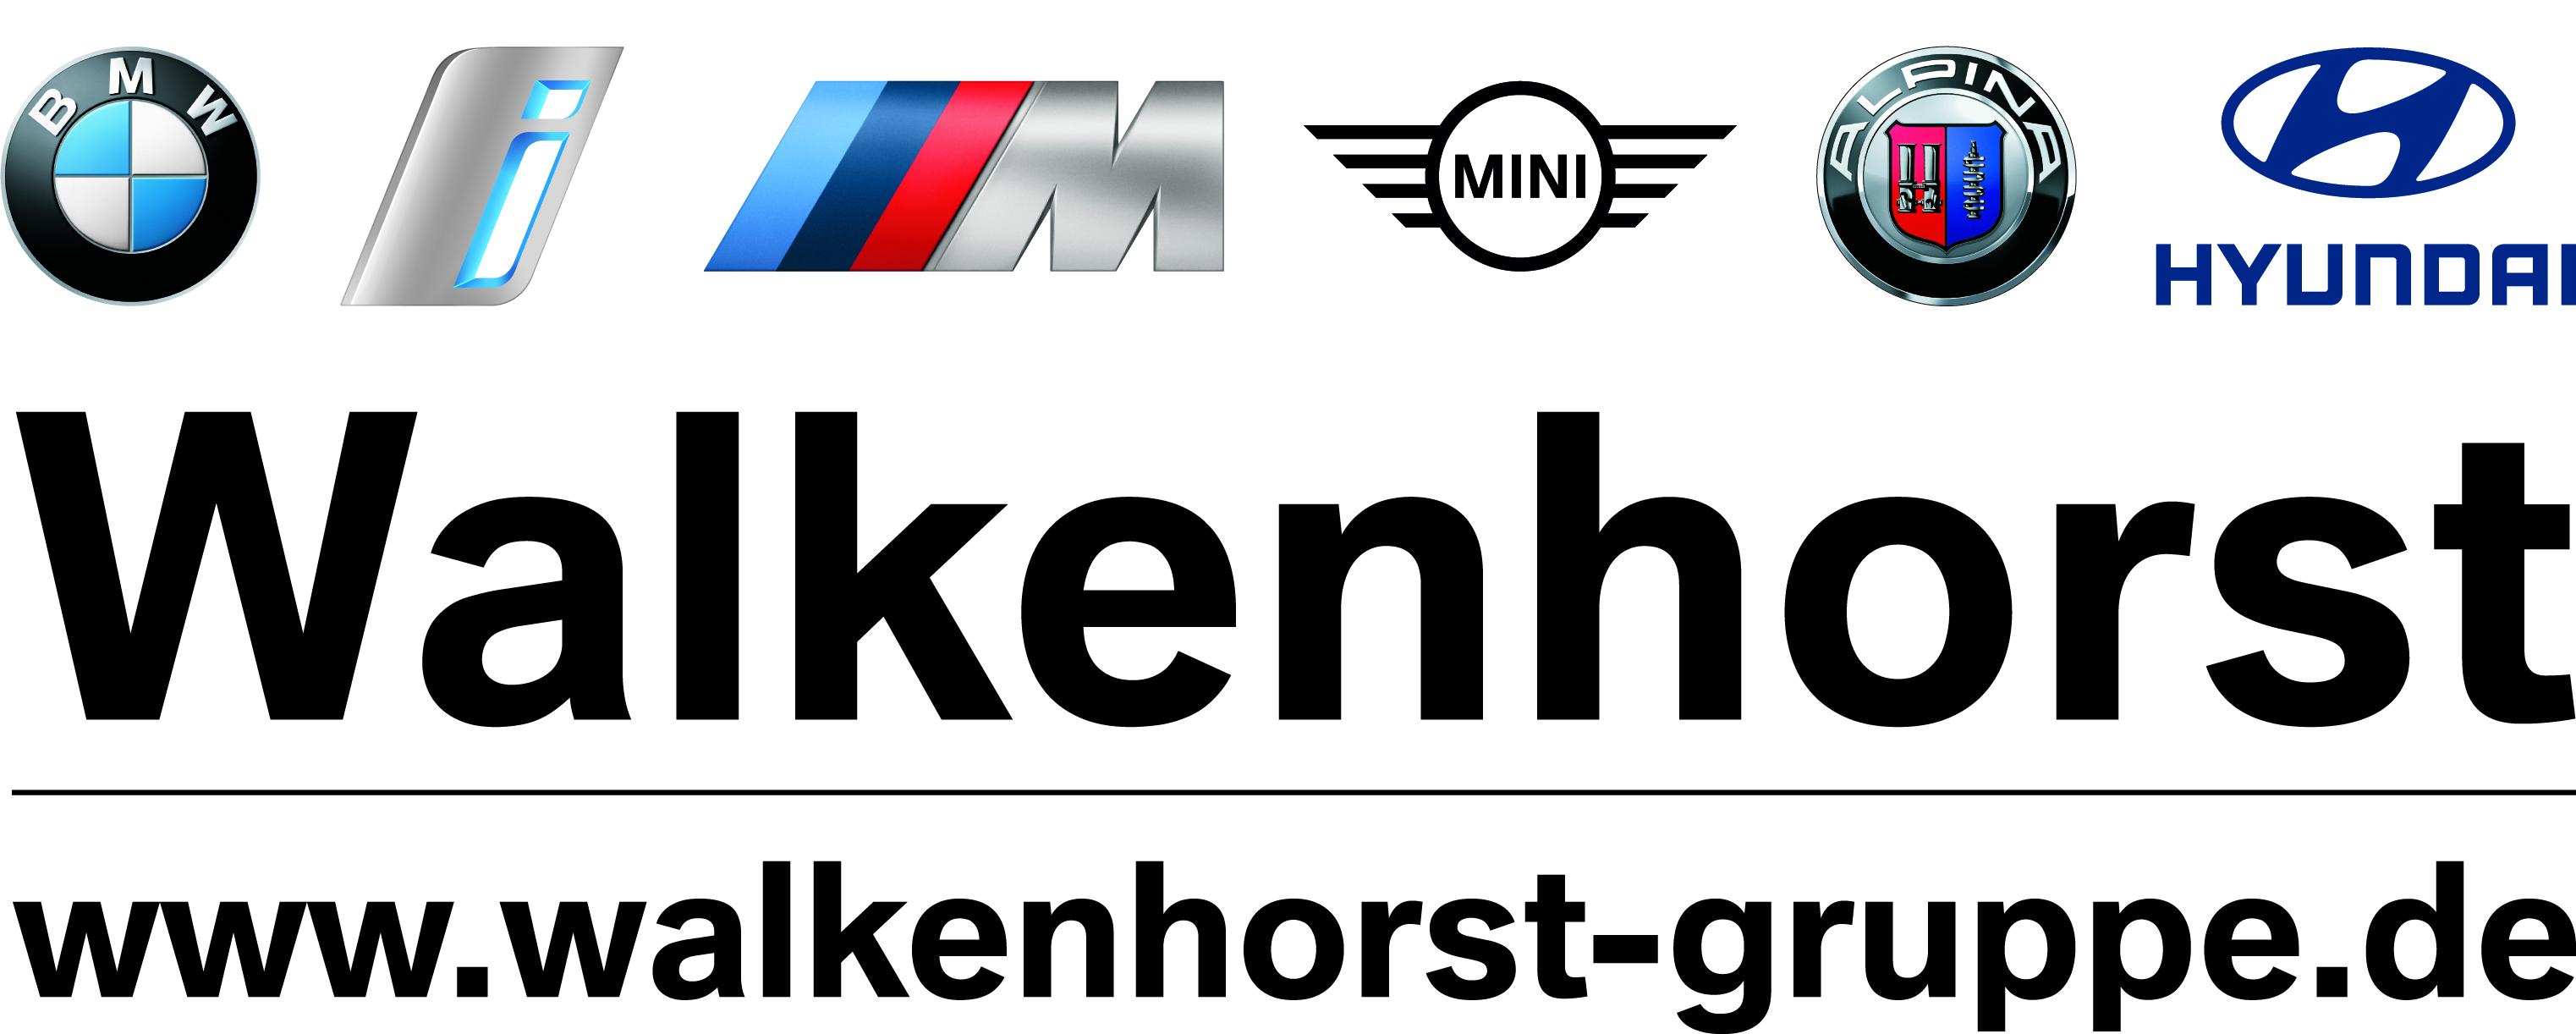 messedaten_messe_209_weblogos_walkenhorst_osnabrueck_gmbh.jpg